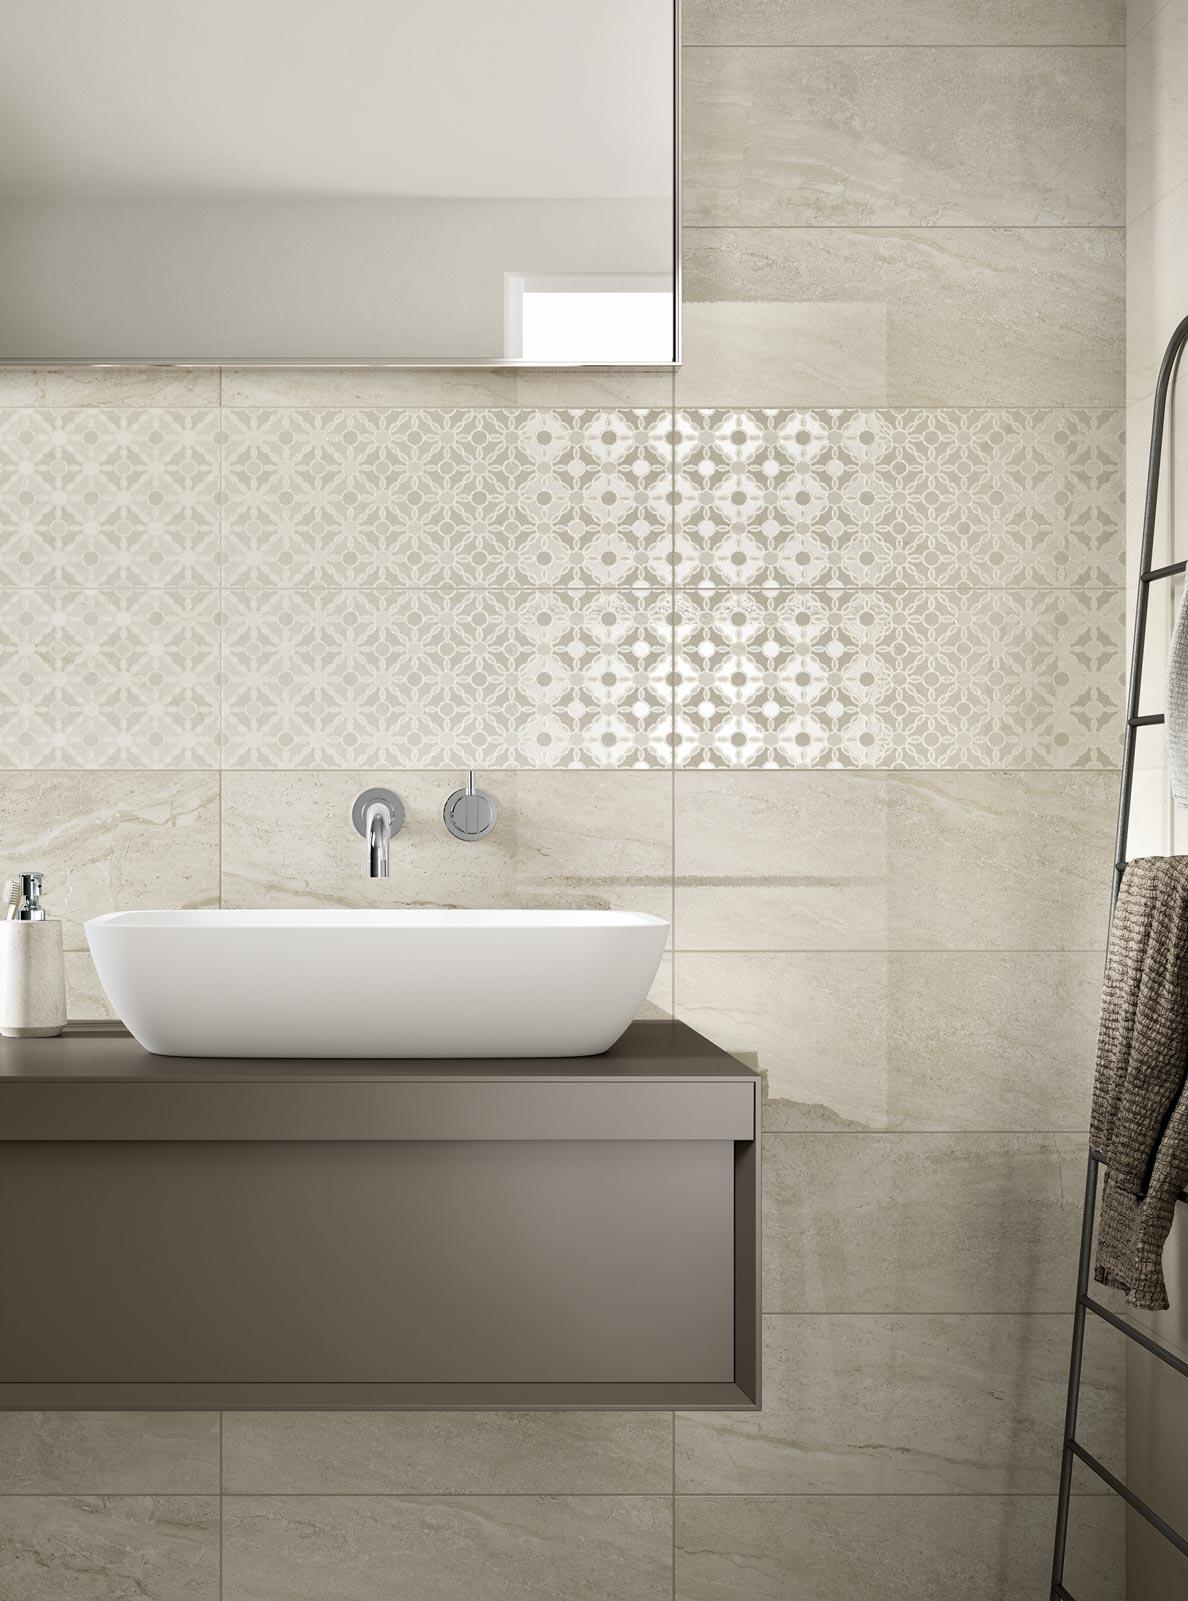 Collezione grace piastrelle in ceramica per il tuo bagno ragno - Piastrelle per il bagno moderne ...